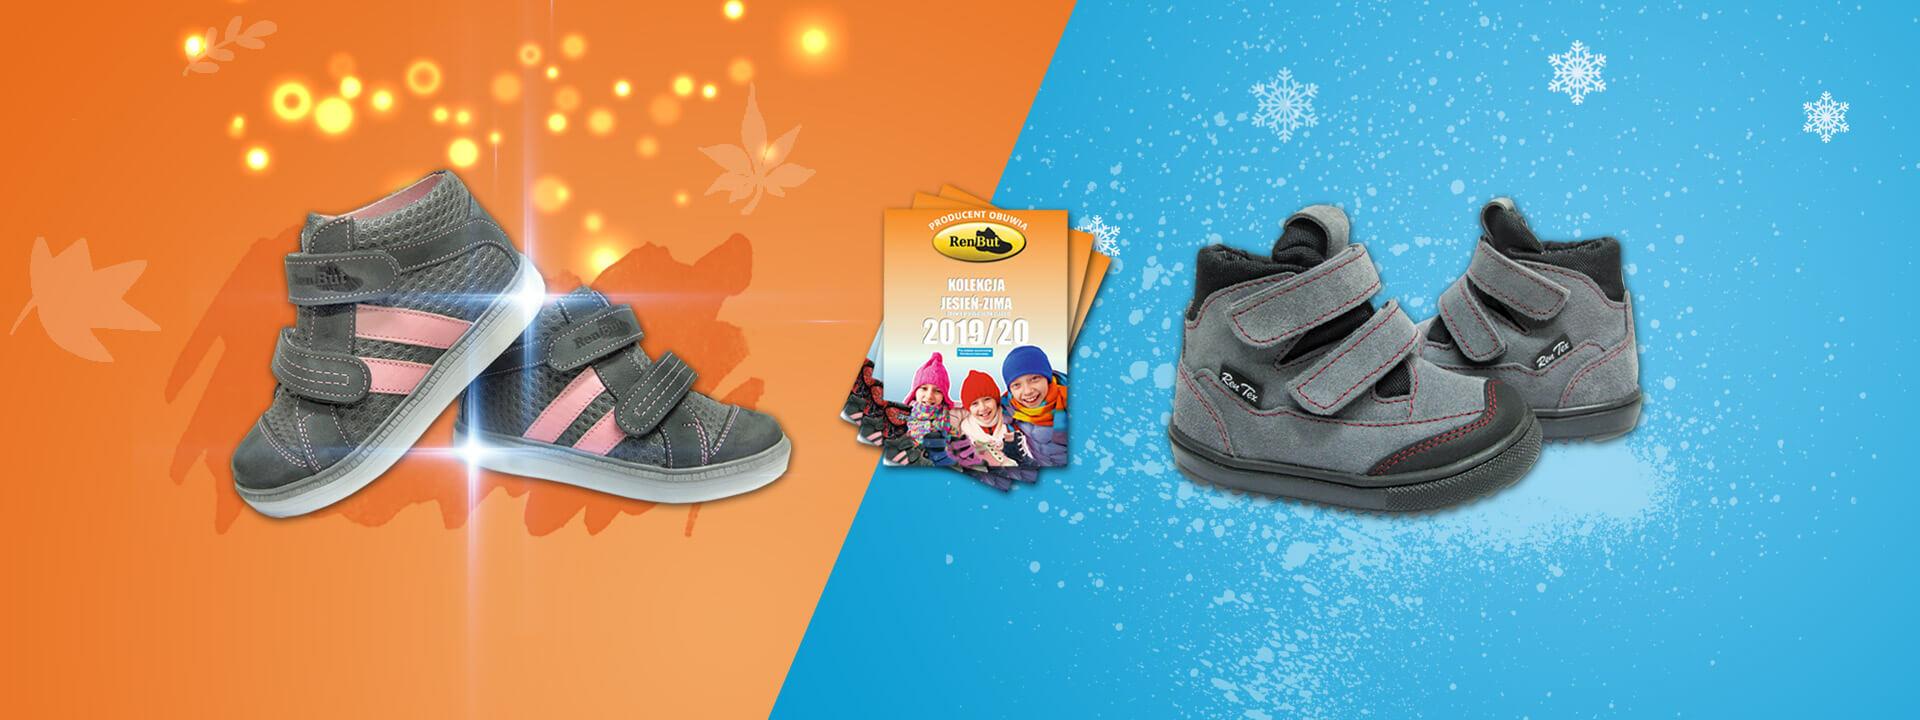 edc162ba RENBUT Sp. z o.o. - producent obuwia dziecięcego, obuwie dziecięce ...